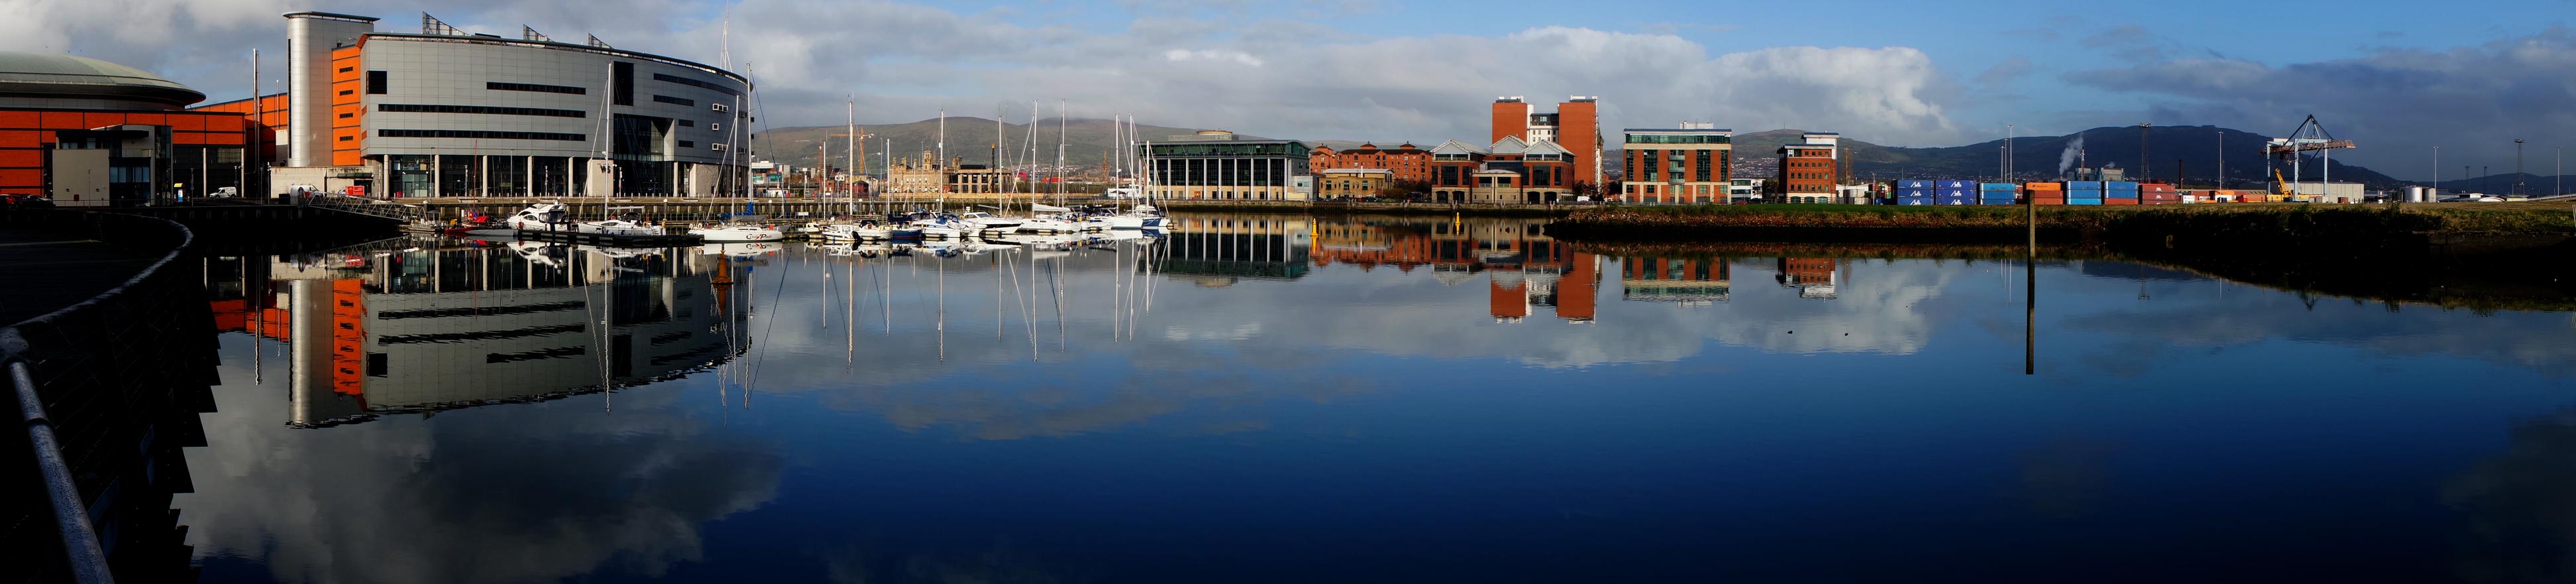 Belfast Marina & Harbour